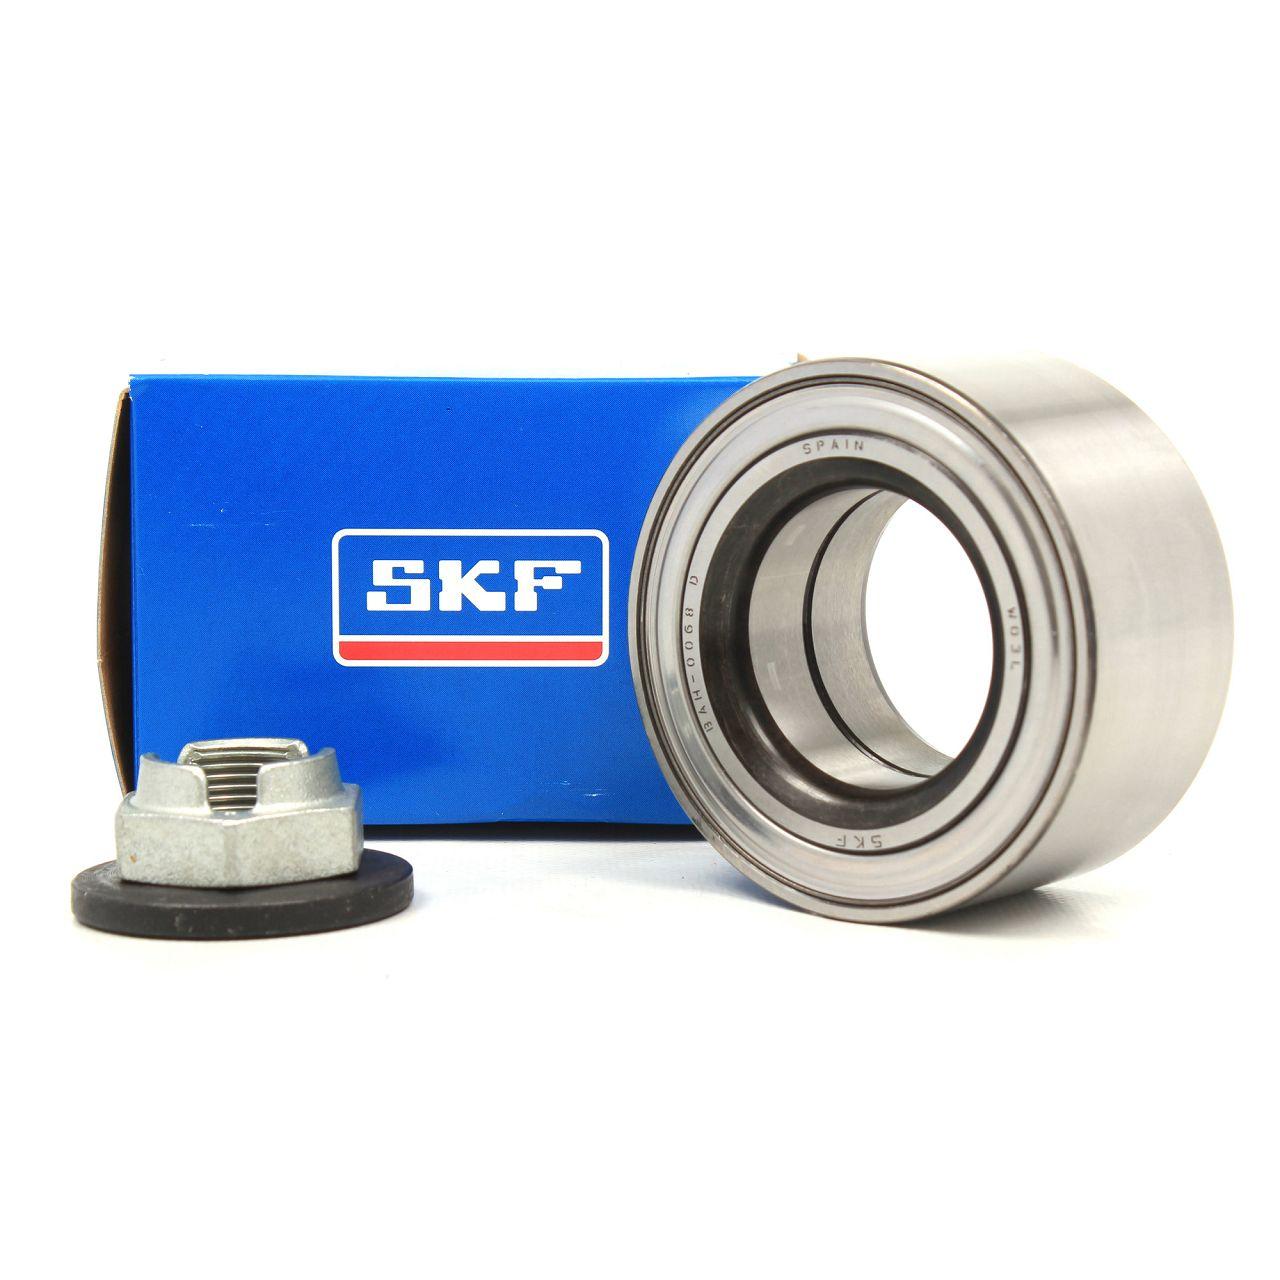 SKF Radlager Reparatursatz für FORD MONDEO III MK3 JAGUAR X-TYPE vorne VKBA3575